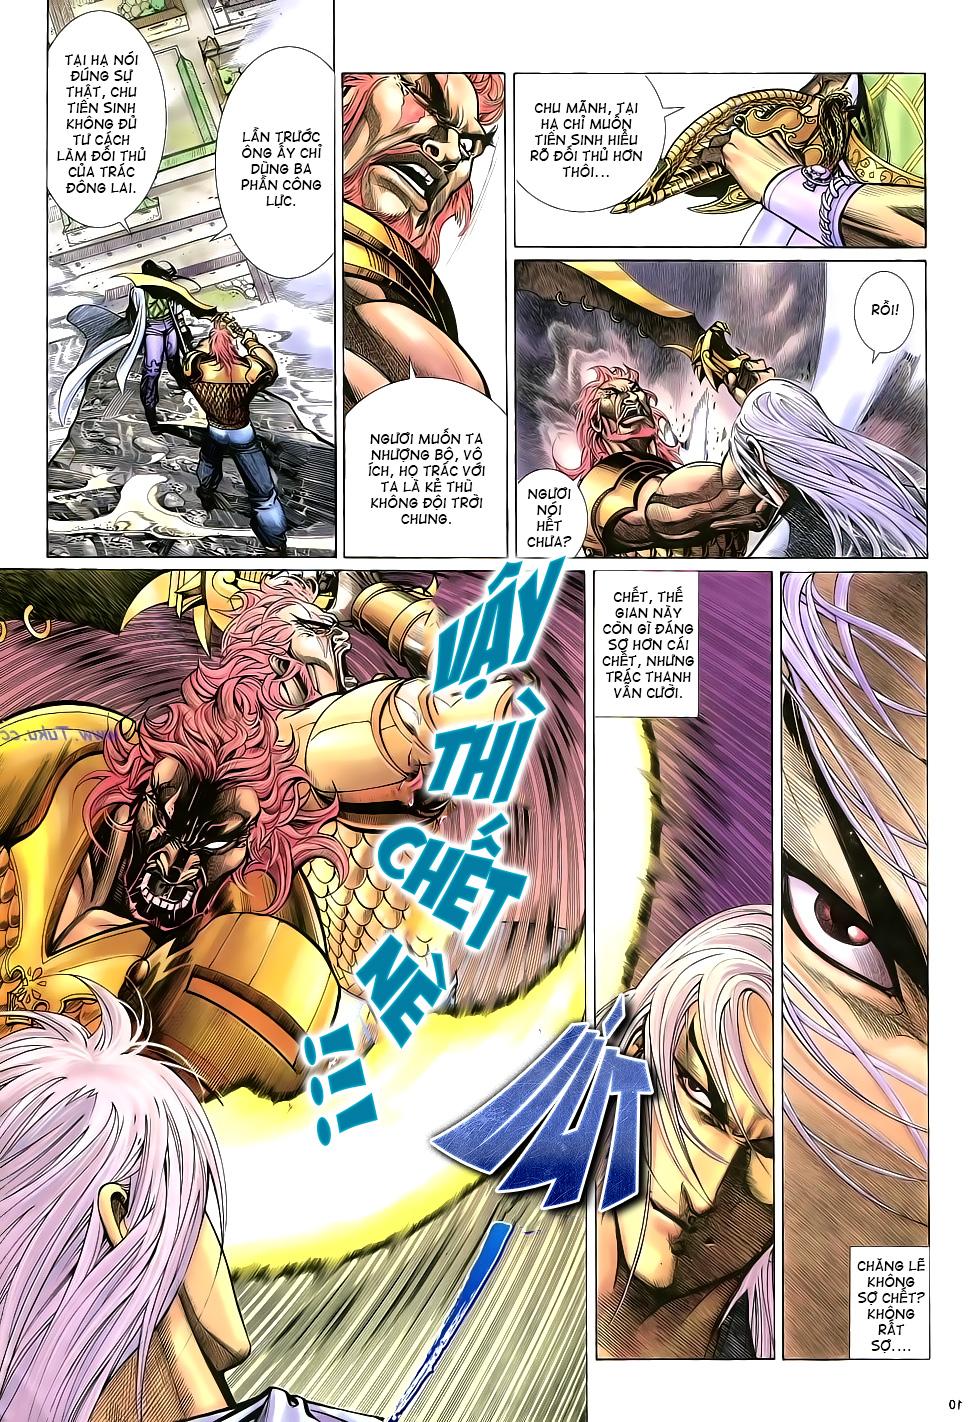 Anh hùng vô lệ Chap 16: Kiếm túy sư cuồng bất lưu đấu  trang 11